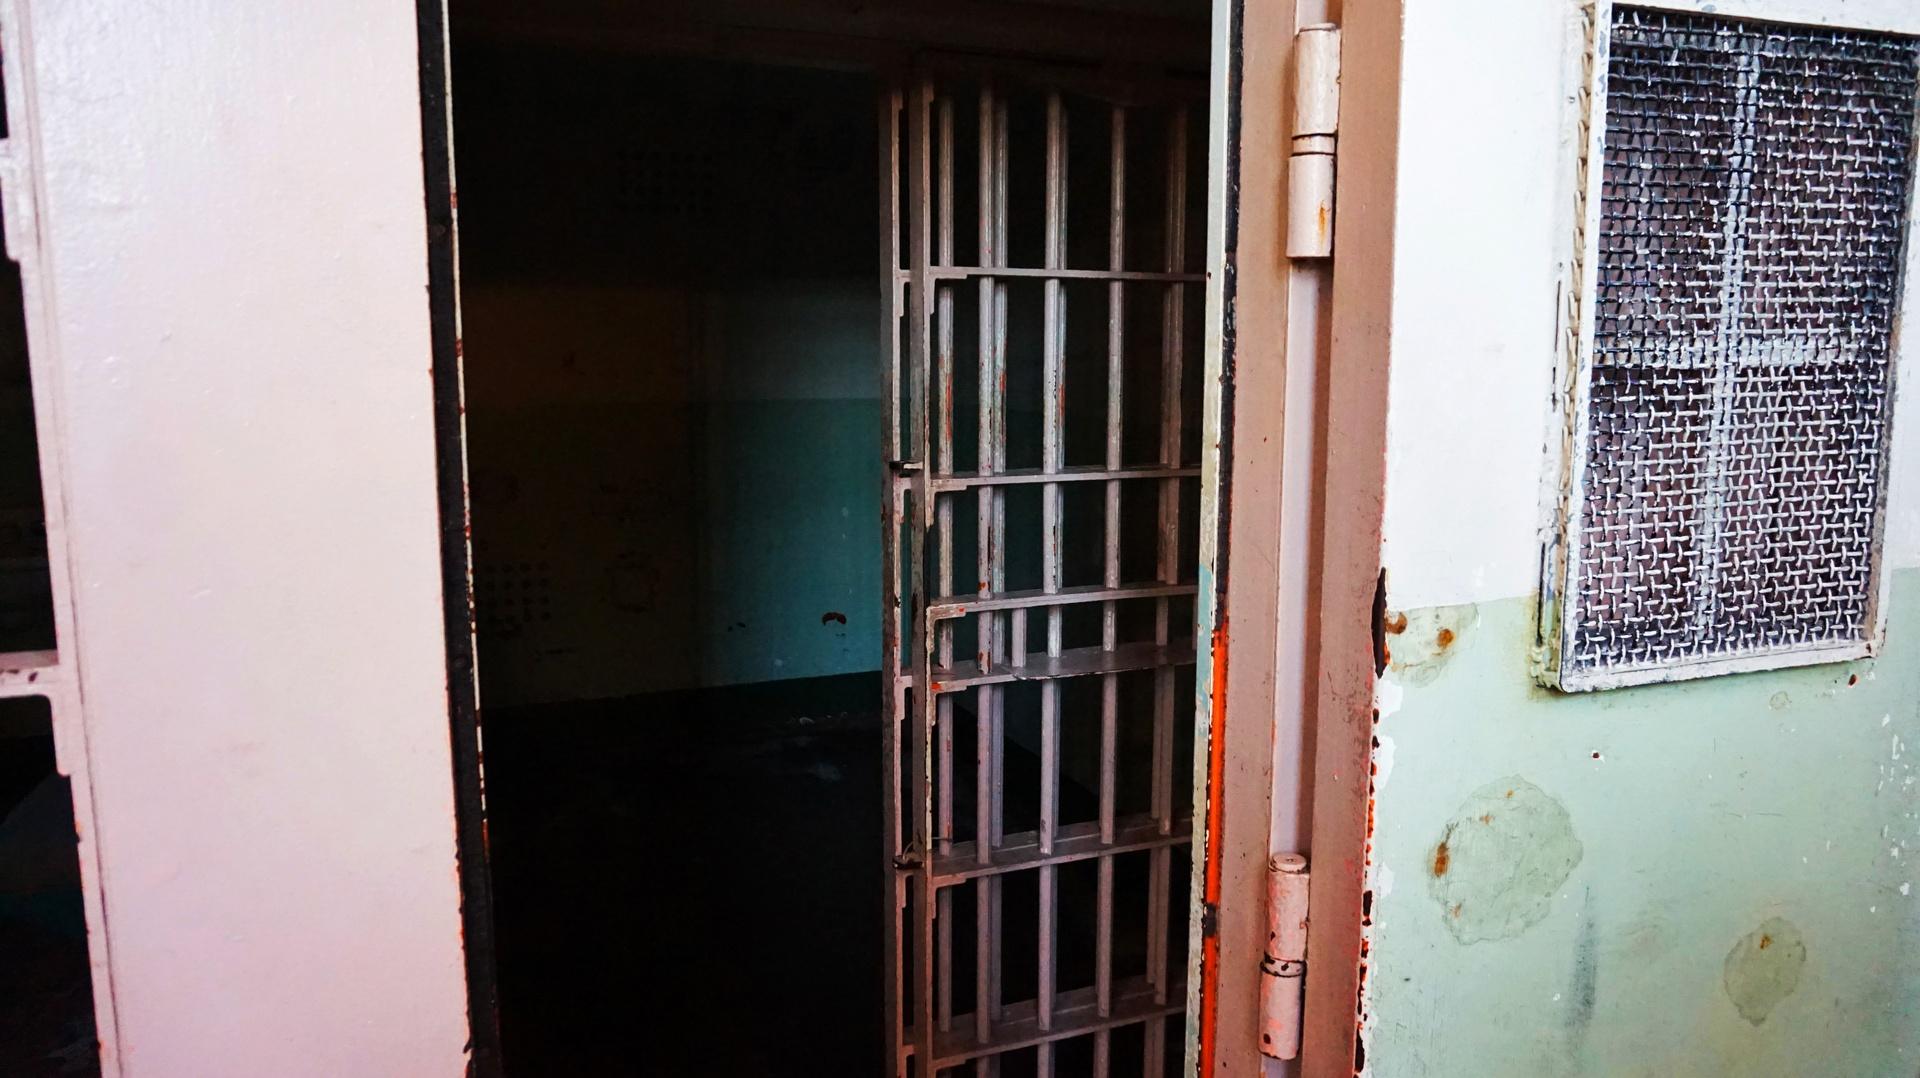 Widok na cele w więzieniu Alcatraz, San Francisco, USA | Sway the way